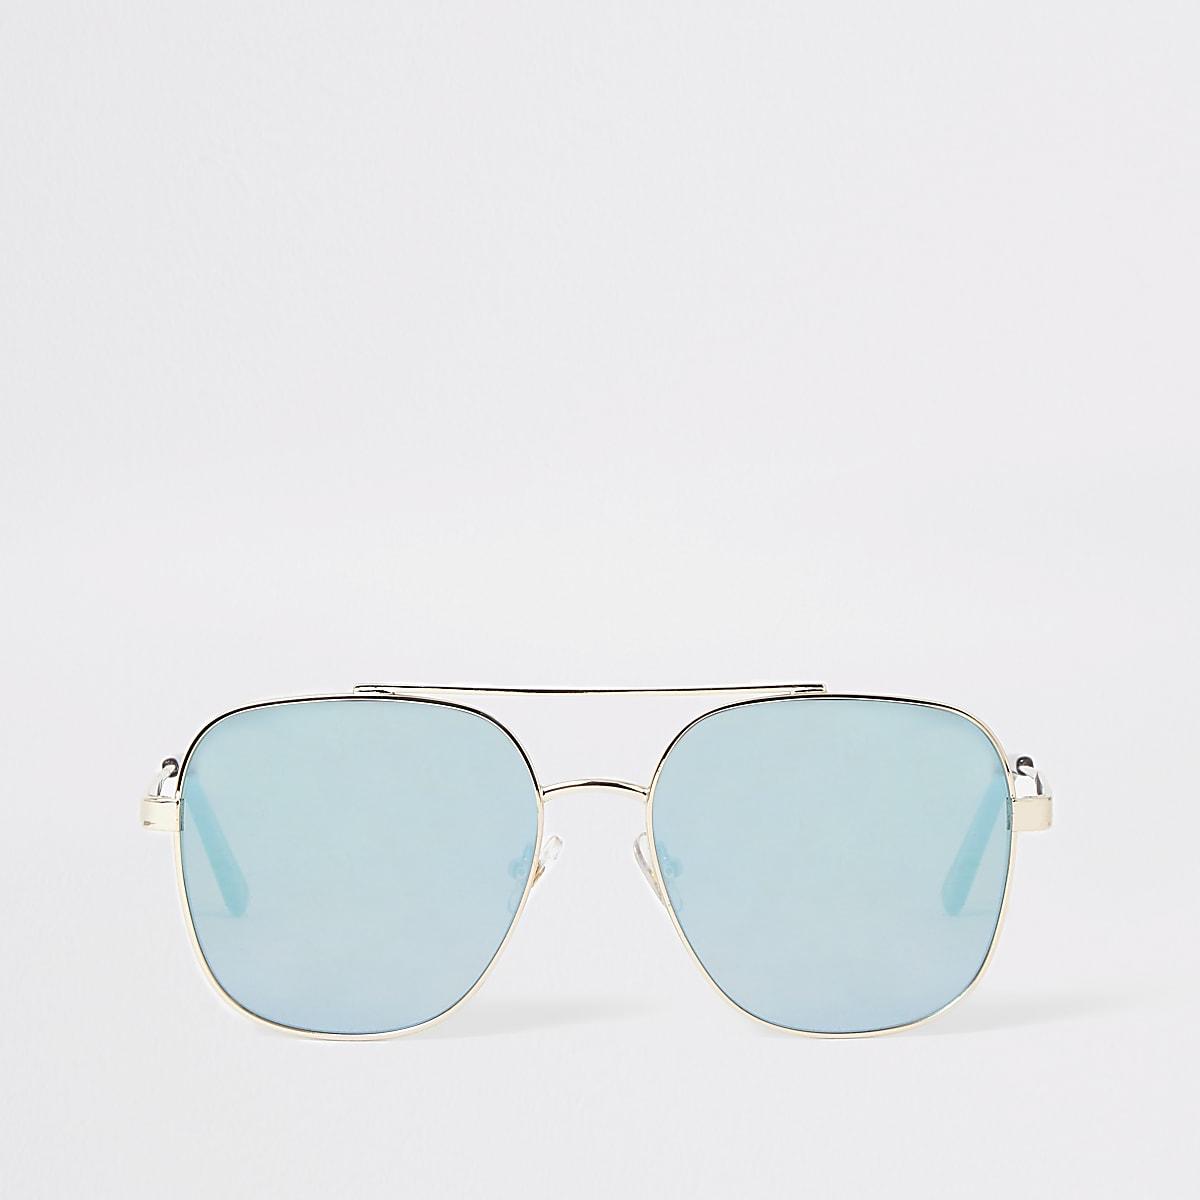 Gold color blue lens aviator sunglasses